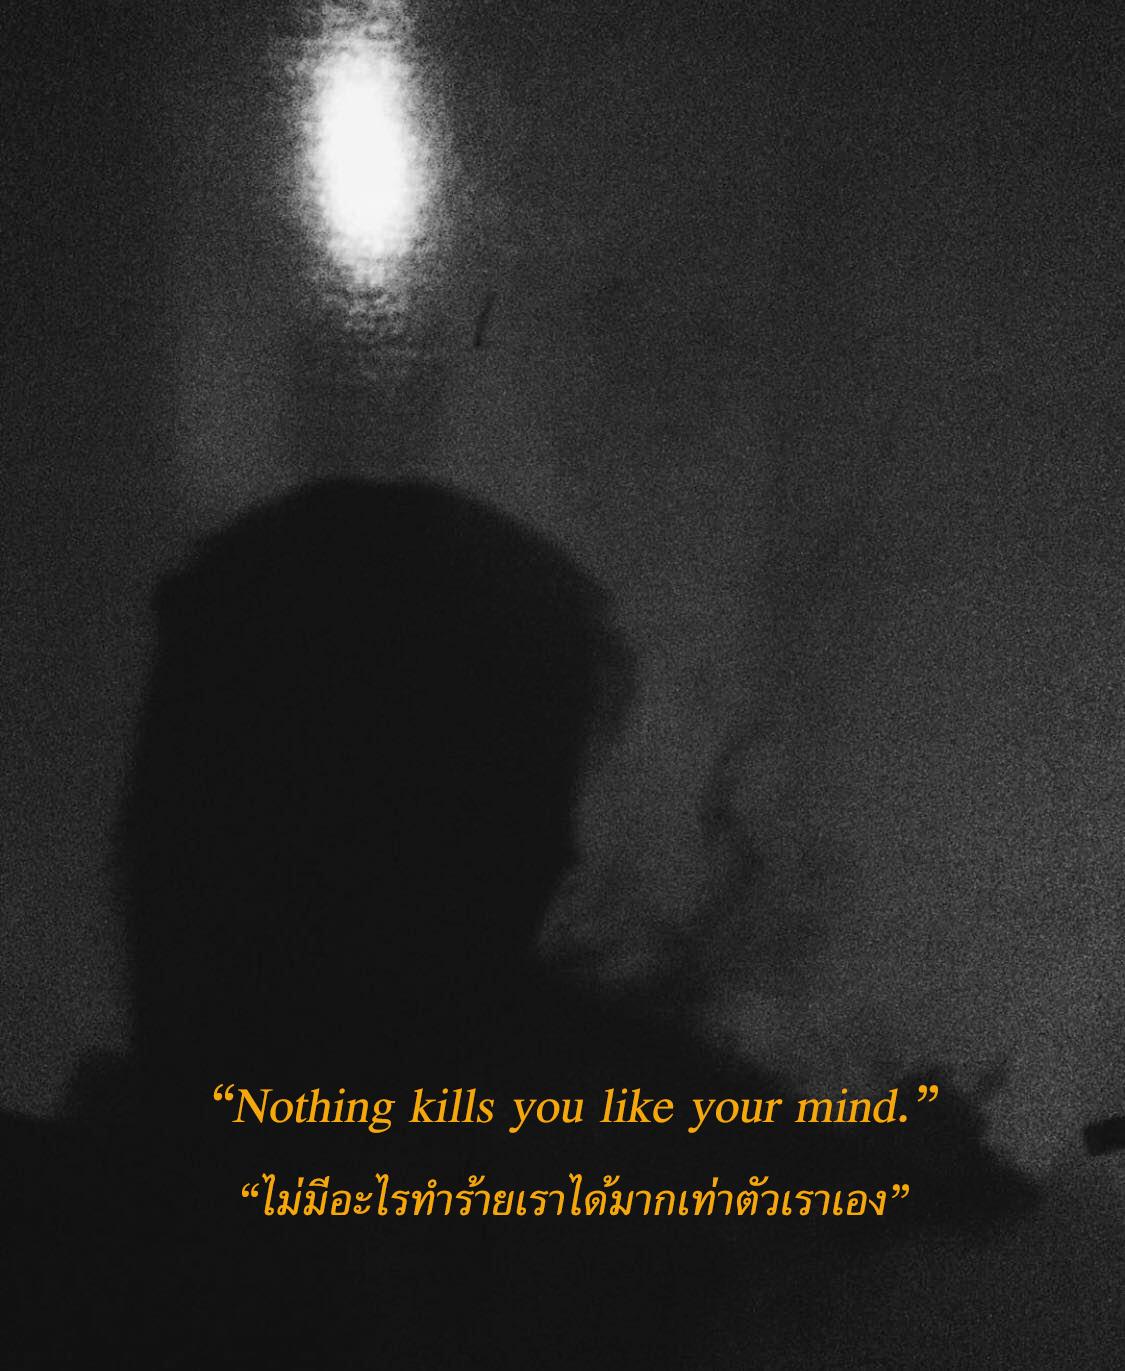 ไม่มีอะไรทำร้ายเราได้มากเท่าตัวเราเอง